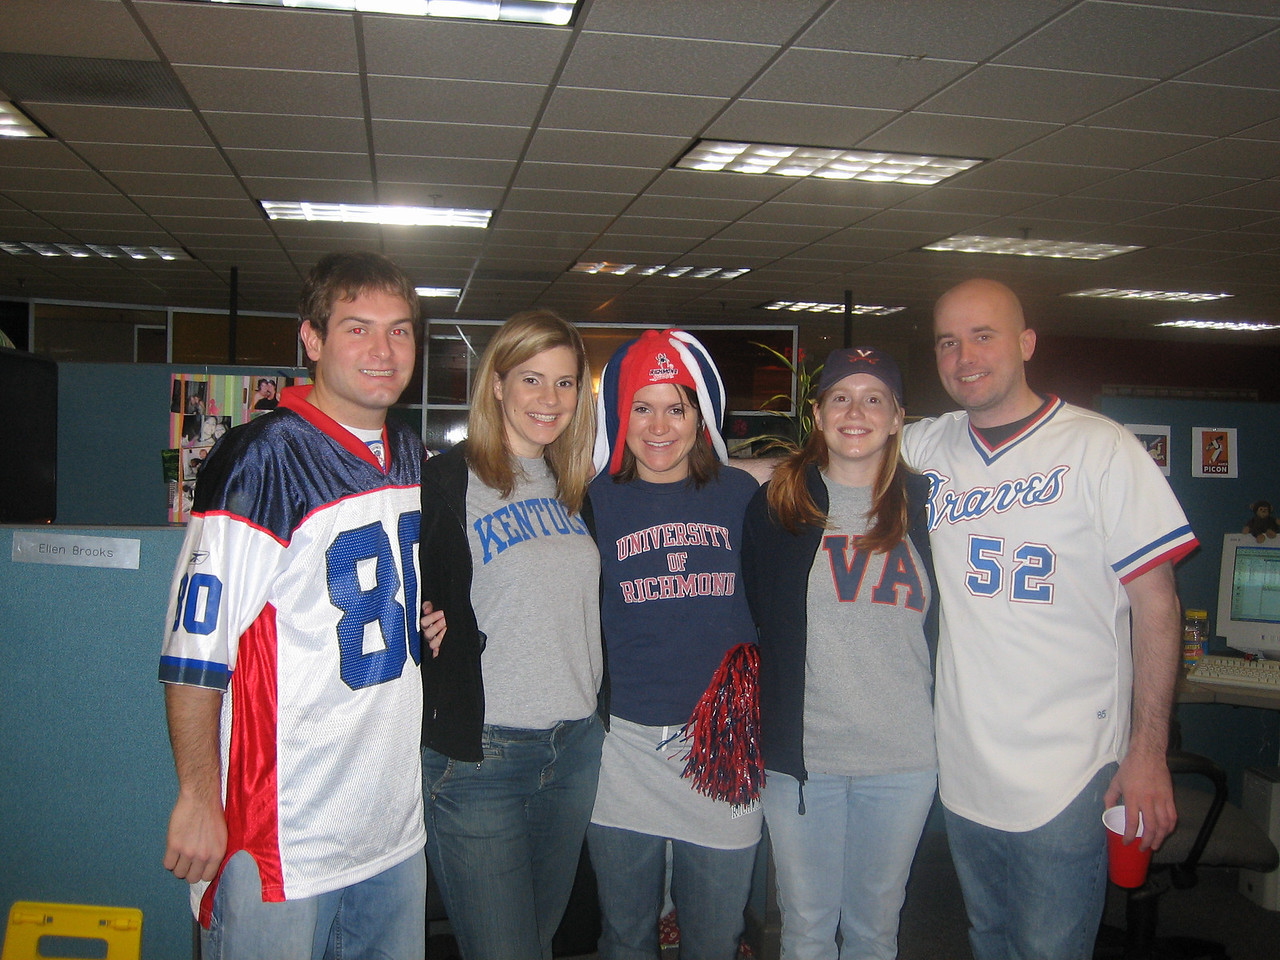 2/3/2006 - Team Spirit day at work - Jon Deutsch, Jennifer Williams, Ellen Brooks, Lauren Tipton, Shaun Irving